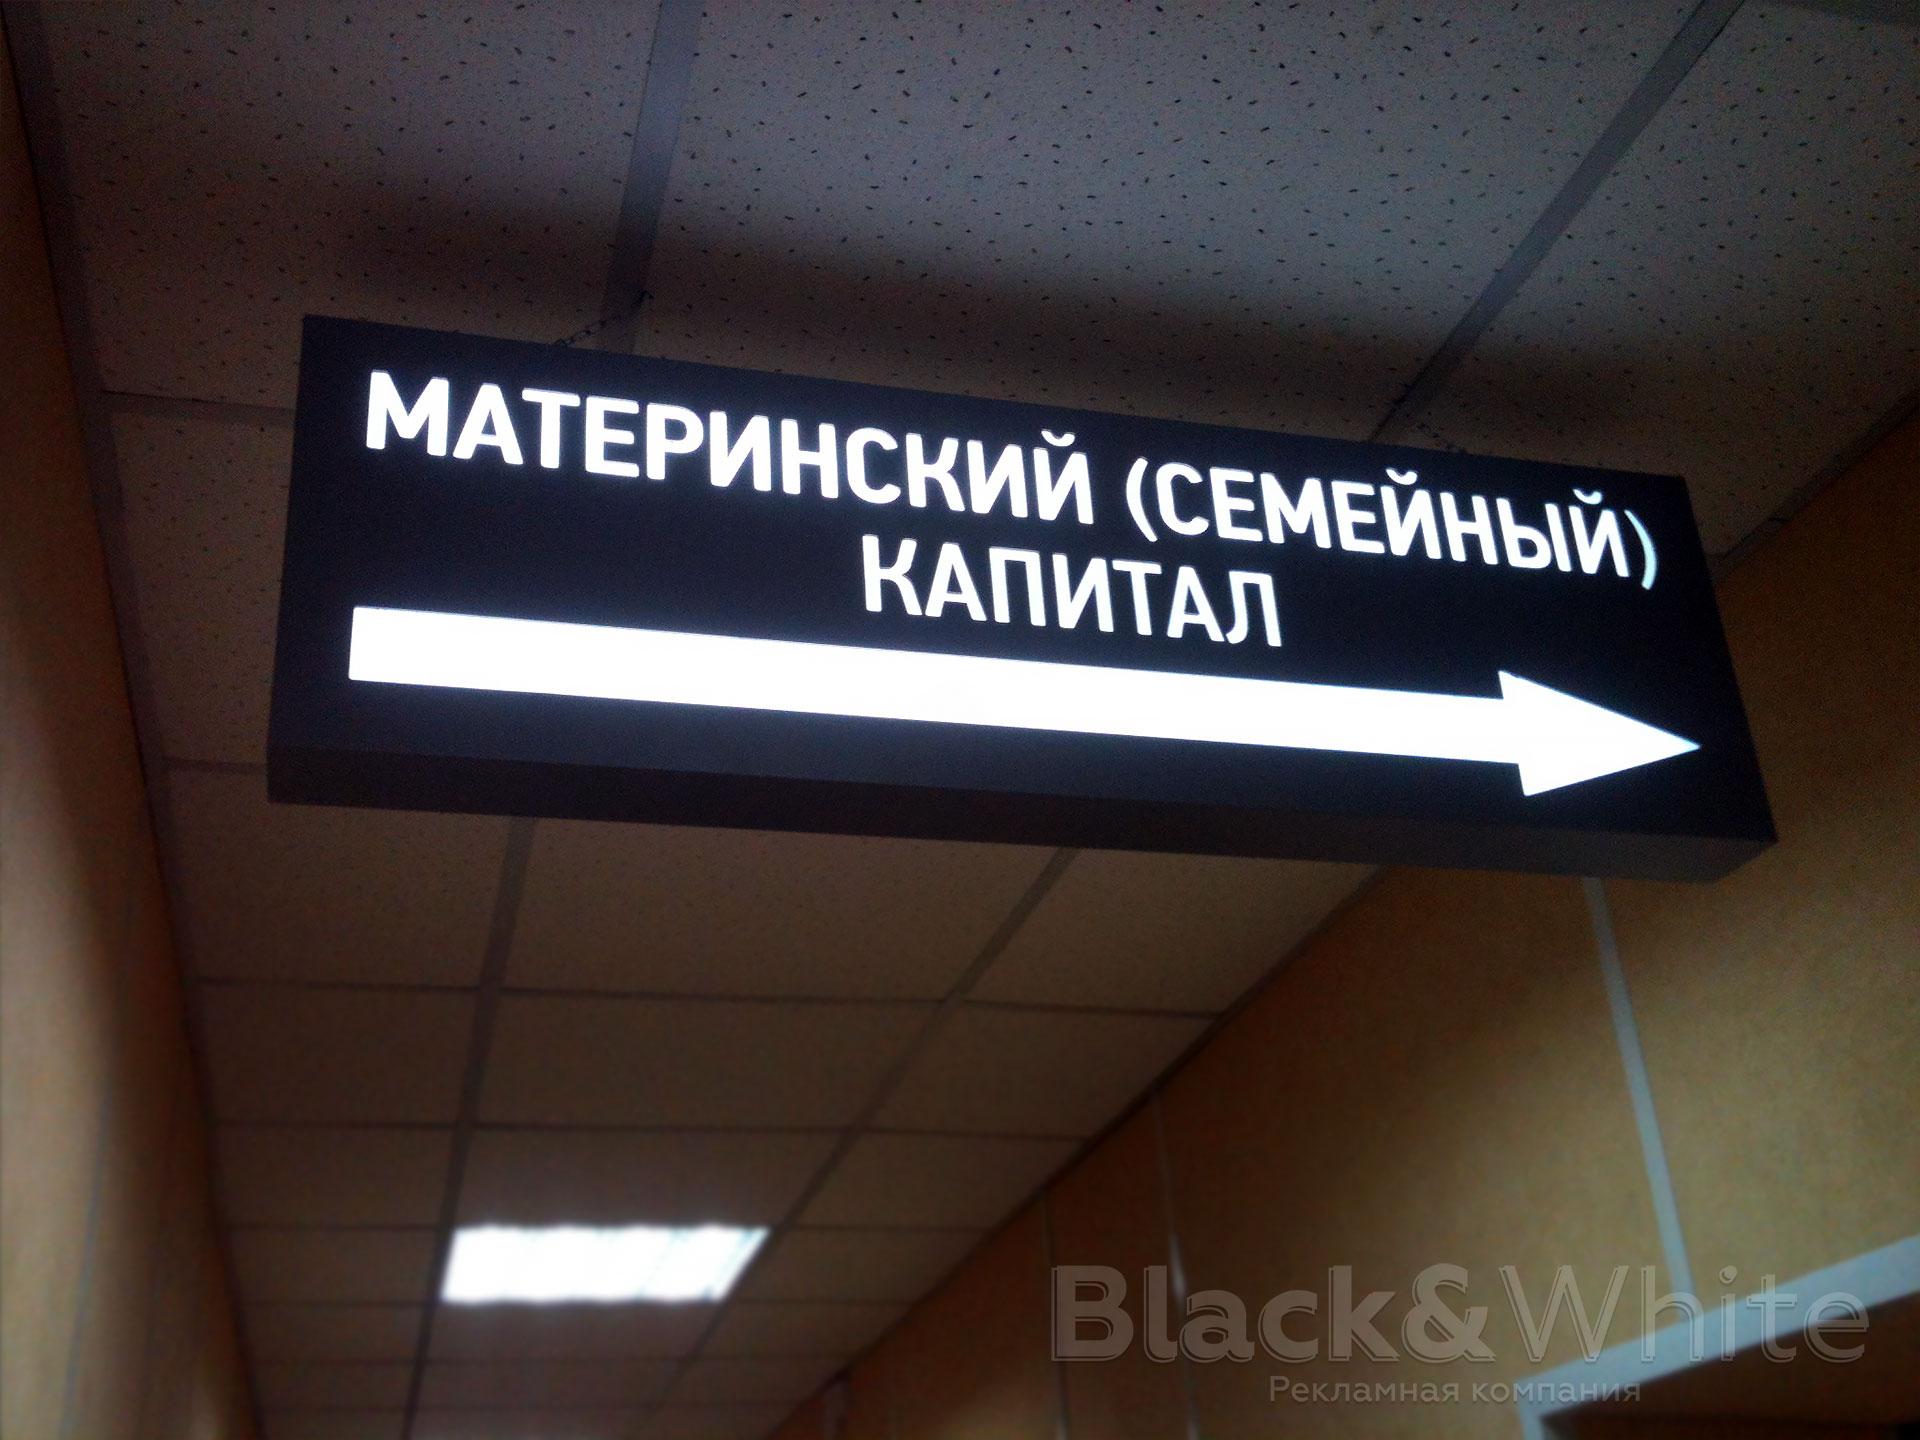 Навигационные-указатели-световой-Black-&-White.jpg